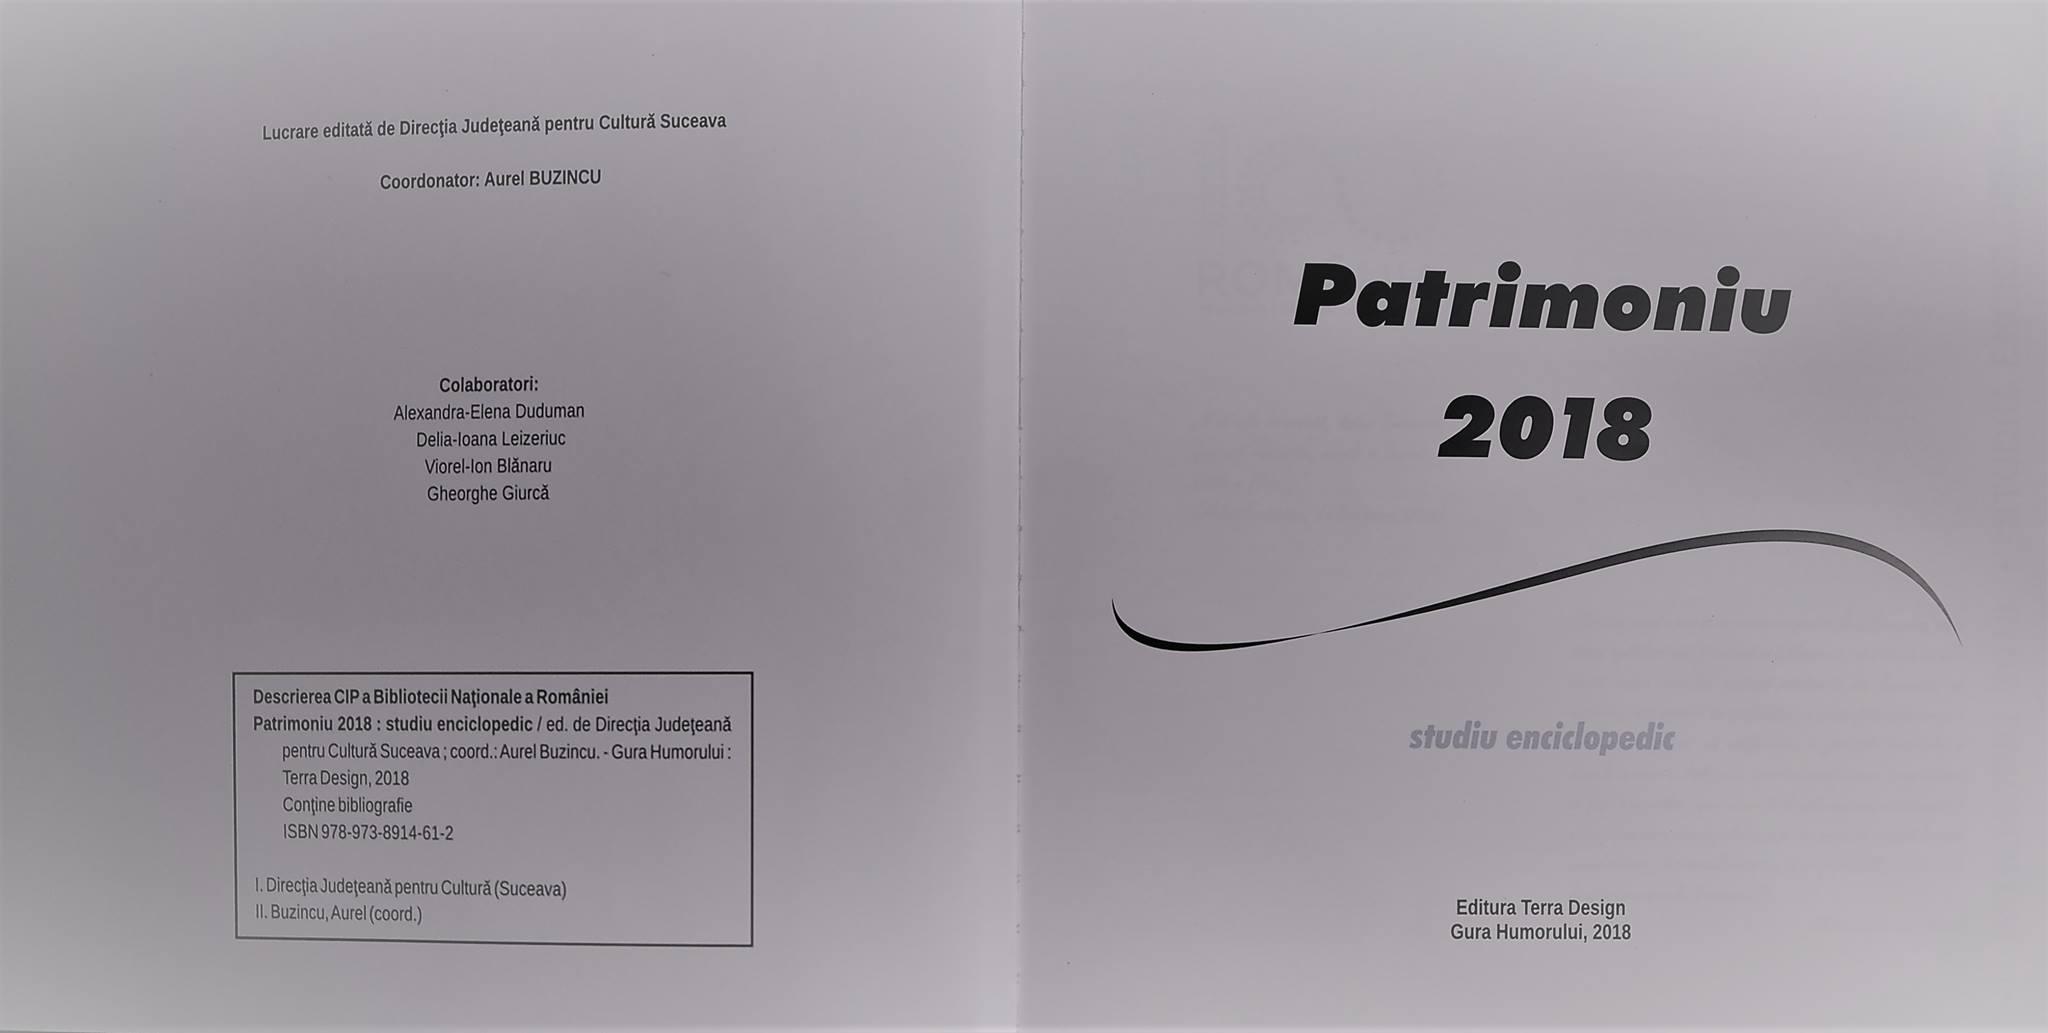 Lucrare editată de Direcția Județeană pentru Cultură Suceava